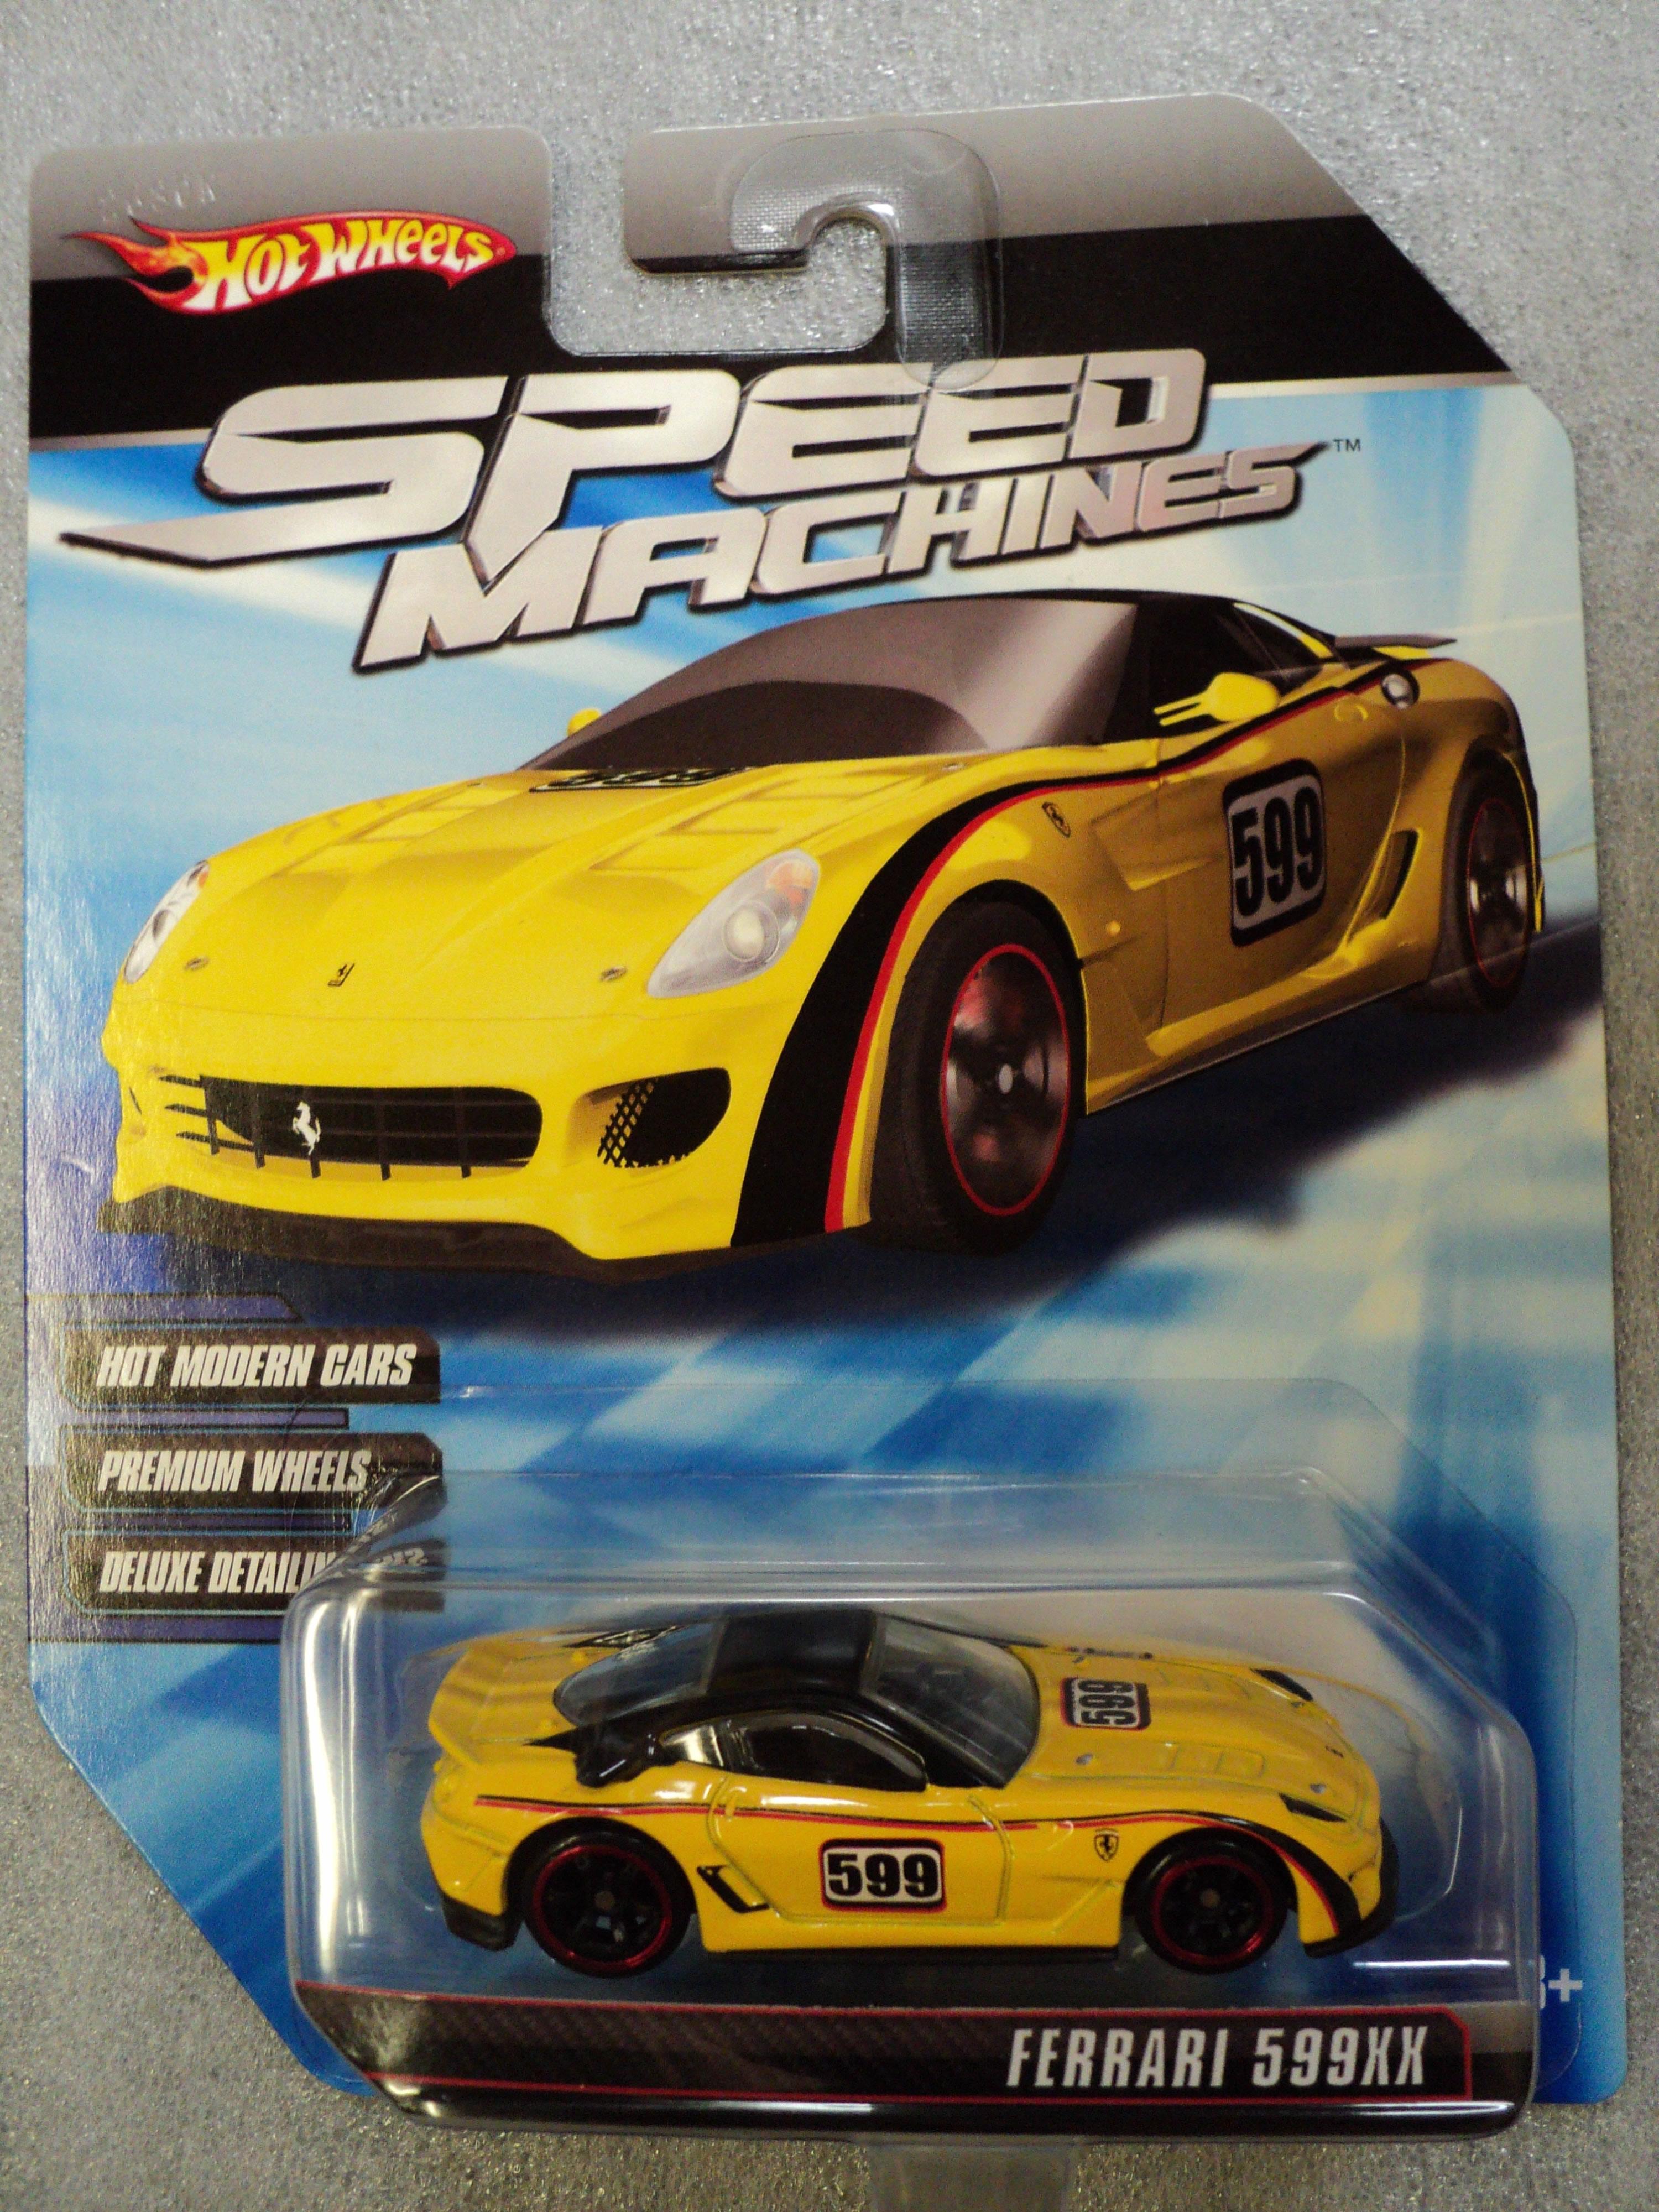 Hot wheels 2010 speed machines ferrari 599xx yellow ferrari 59xx 2010 speed machines yellow vanachro Gallery